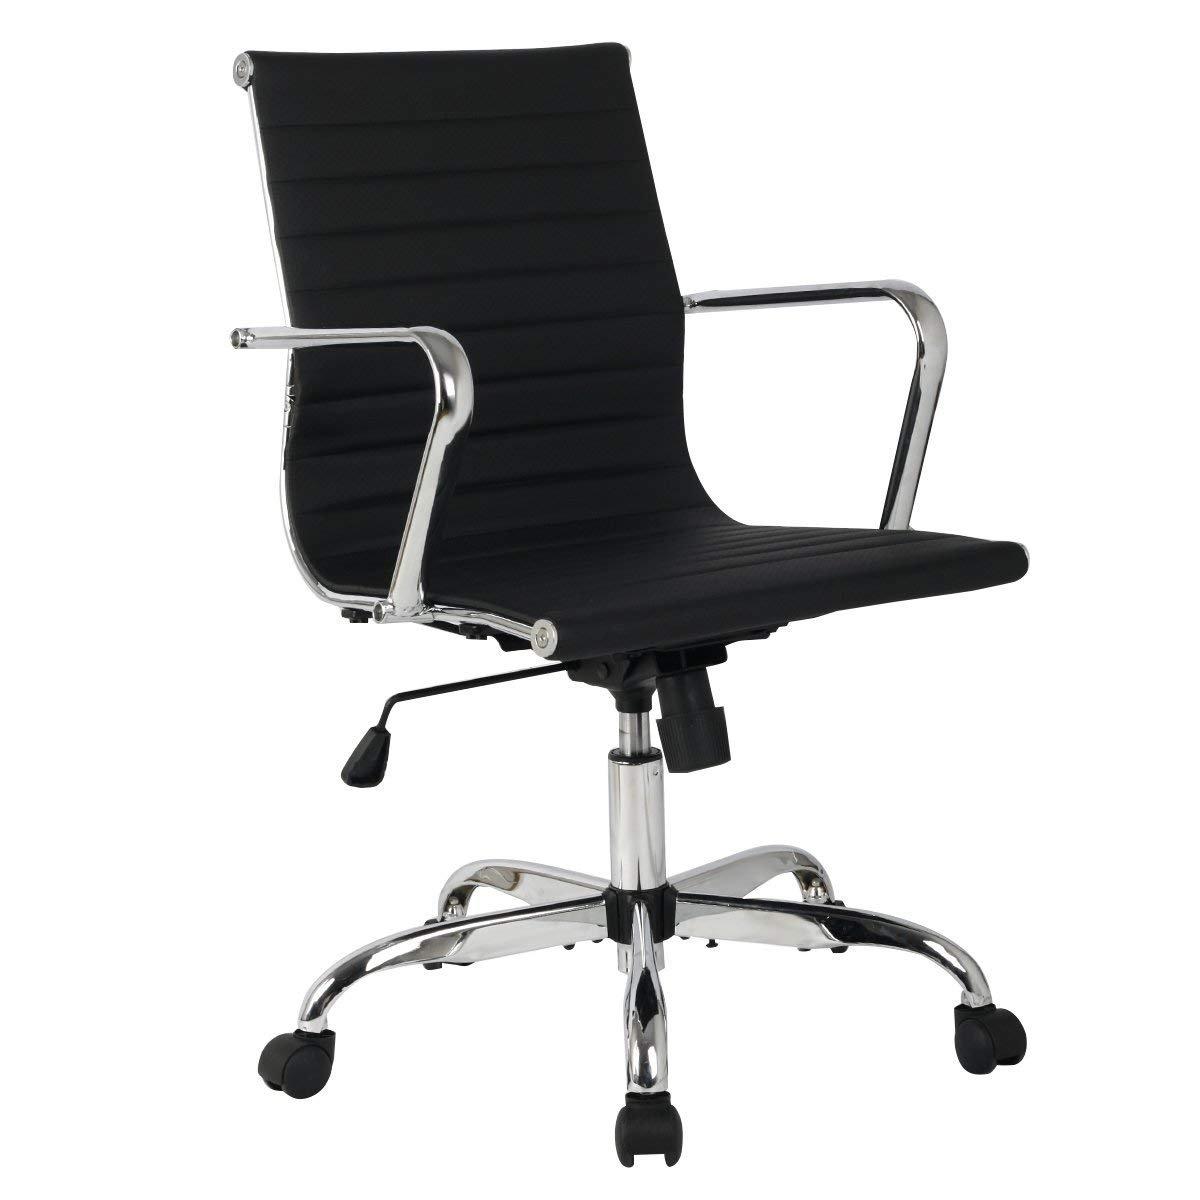 Ghế da PU lưng trung mâm nhỏ KG – 317D